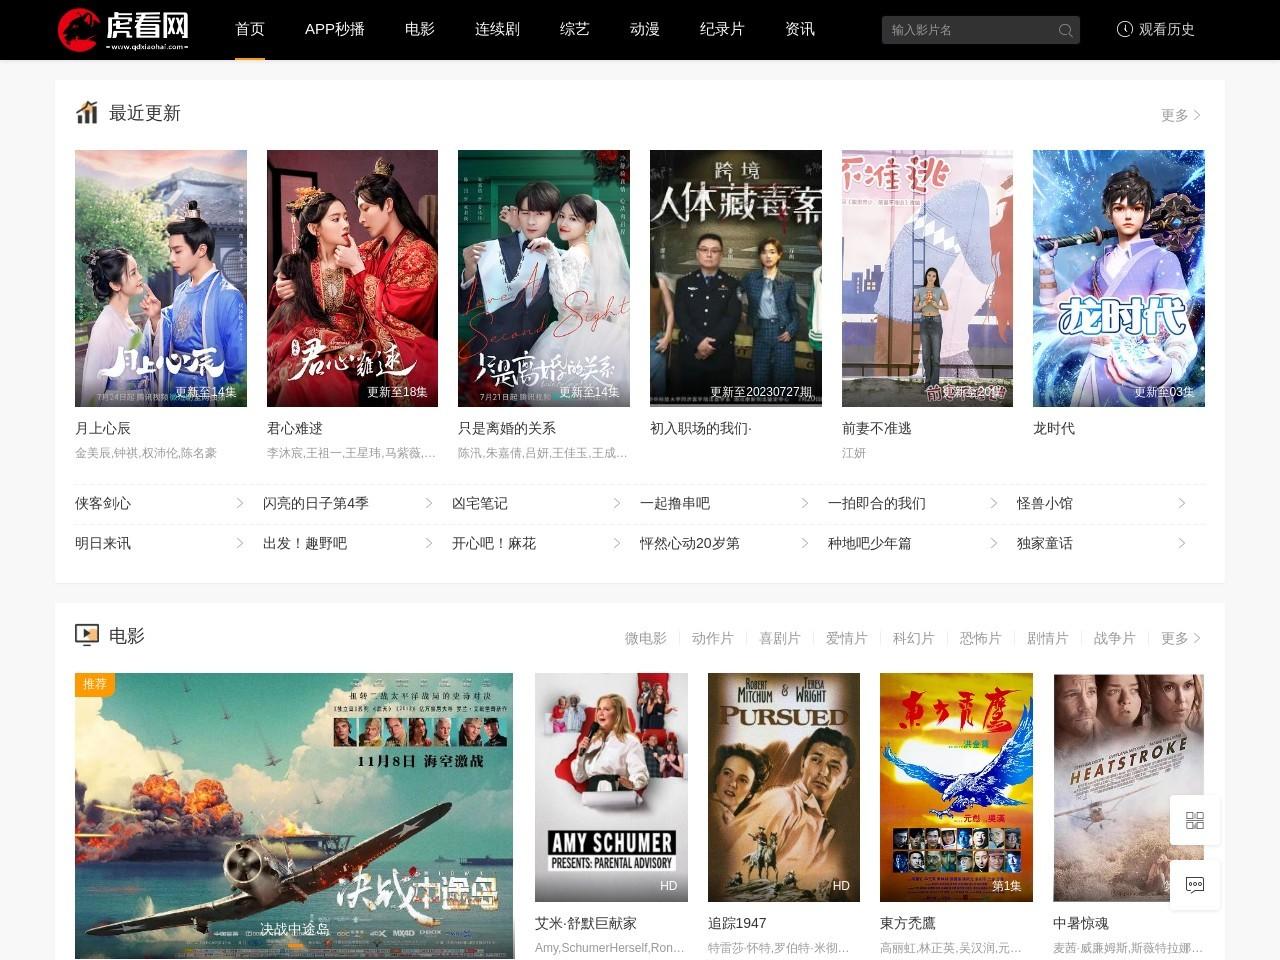 虎看网 - 好看的电视剧 - 电影大全排行榜 - 迅雷下载